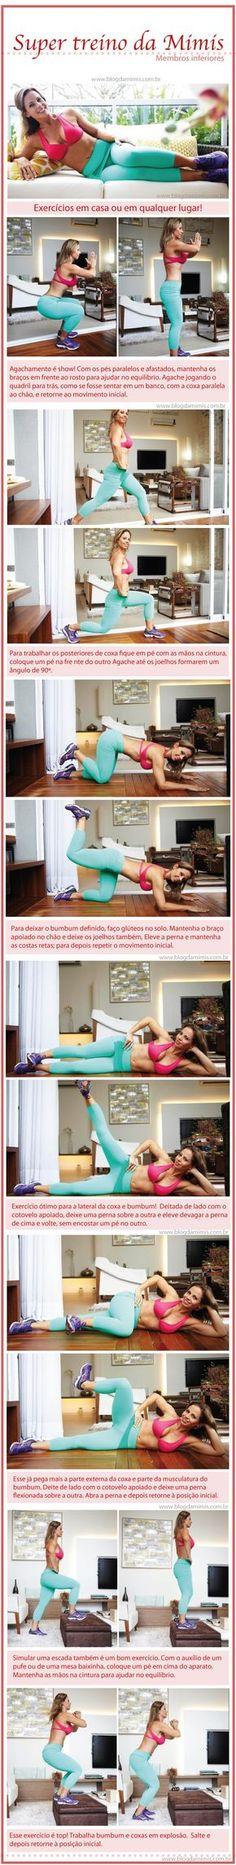 Amores!!! Preparei mais um super post com dicas de exercícios para fazer em casa, na academia ou em qualquer lugar. Sei que vocês adoram dicas fáceis e esse treino é pra deixar o bumbum e as coxas …